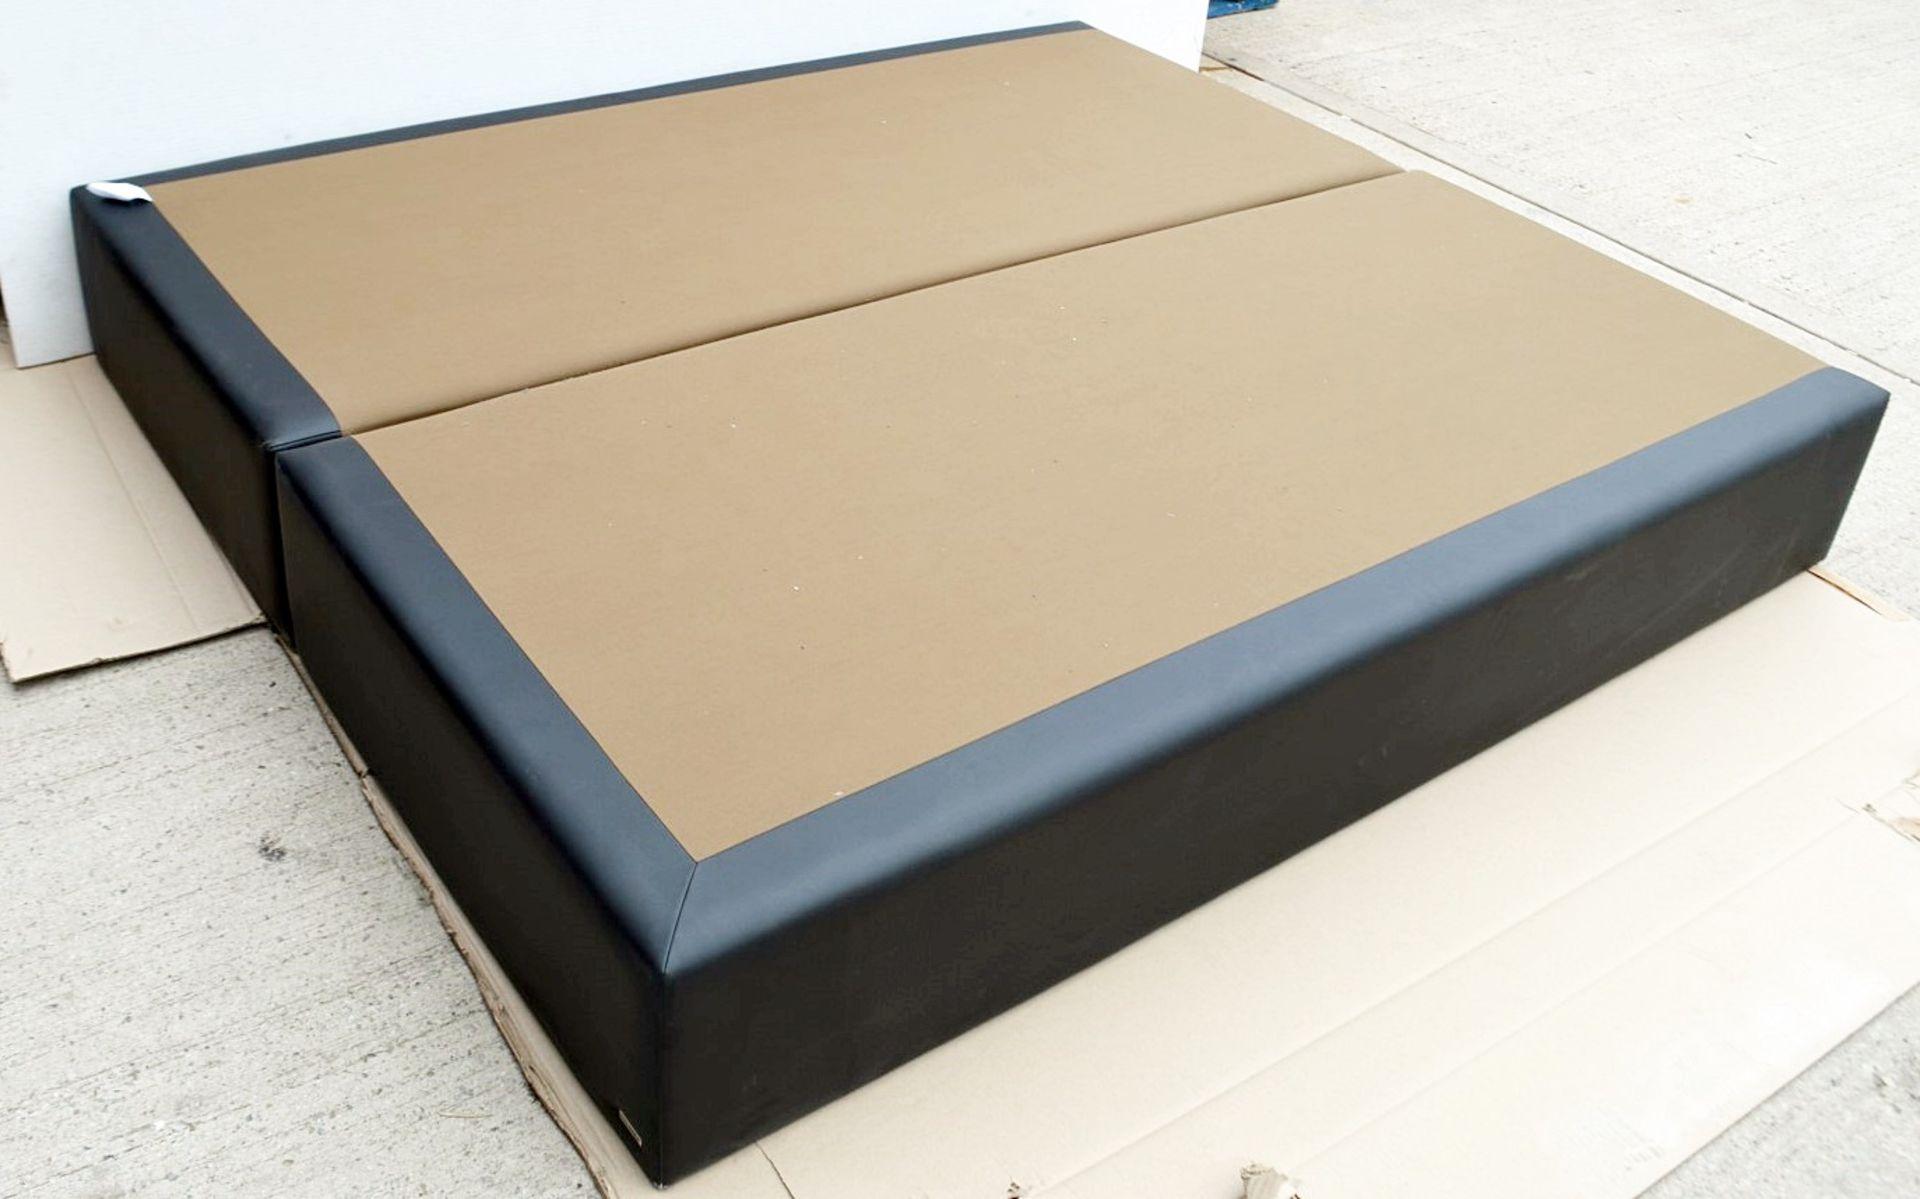 1 x COLUNEX 'Elite' Super Kingsize Divan Bed Base Upholstered In A Grey Leather - RRP £3,008 - Image 6 of 8